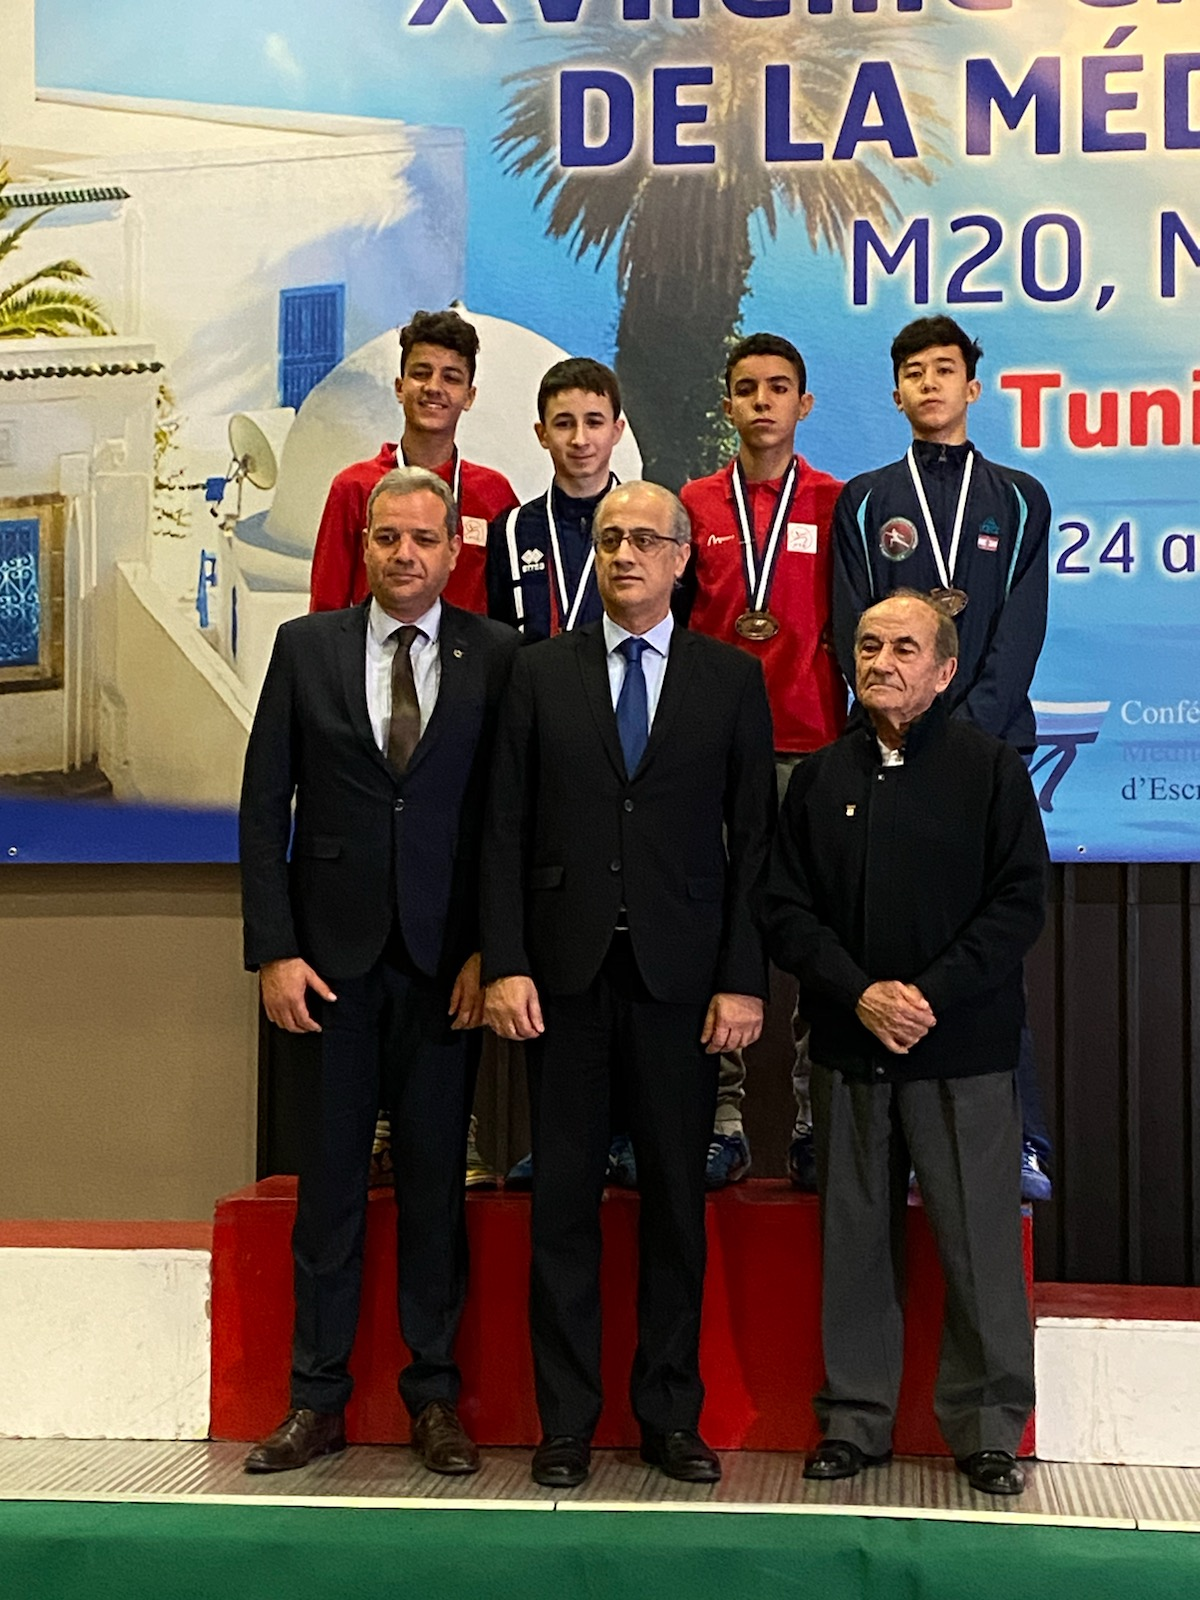 PODIUM Hugo VALIERE Vainqueur Championnats M15 à Tunis